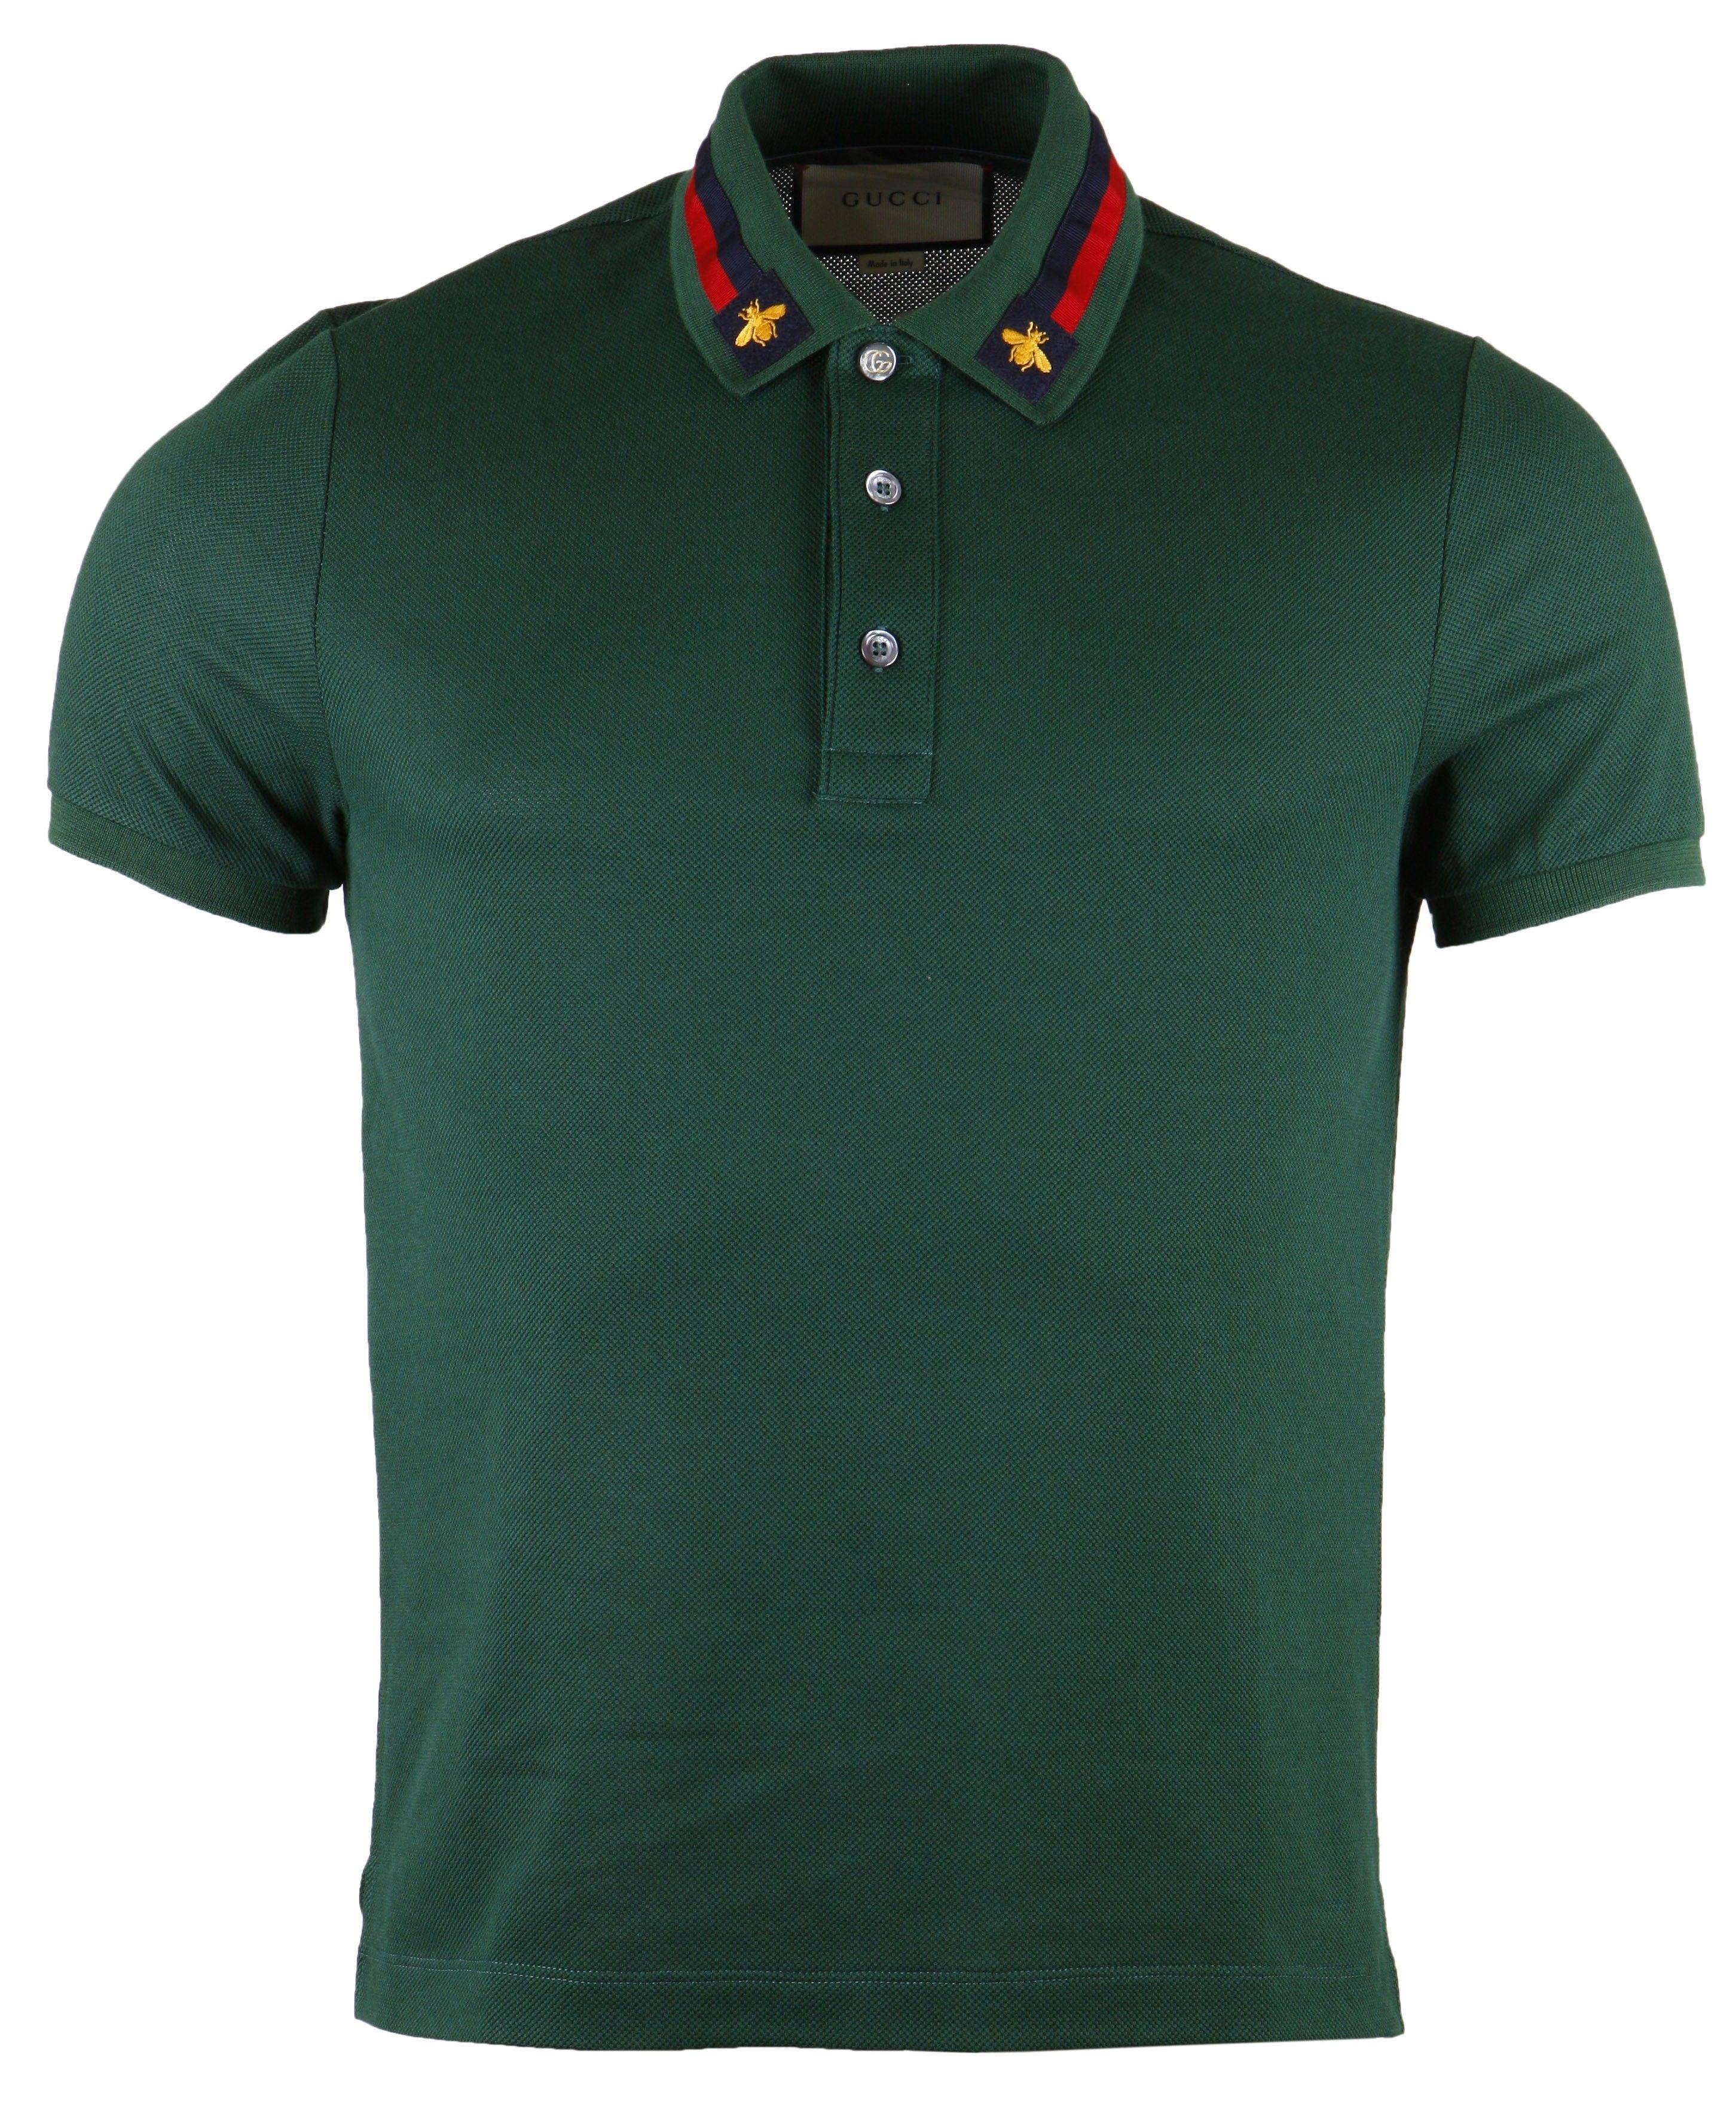 d96d3400de93 Gucci Web Trim   Bee Collar Polo T-Shirt   Polo Shirt   Polo t ...